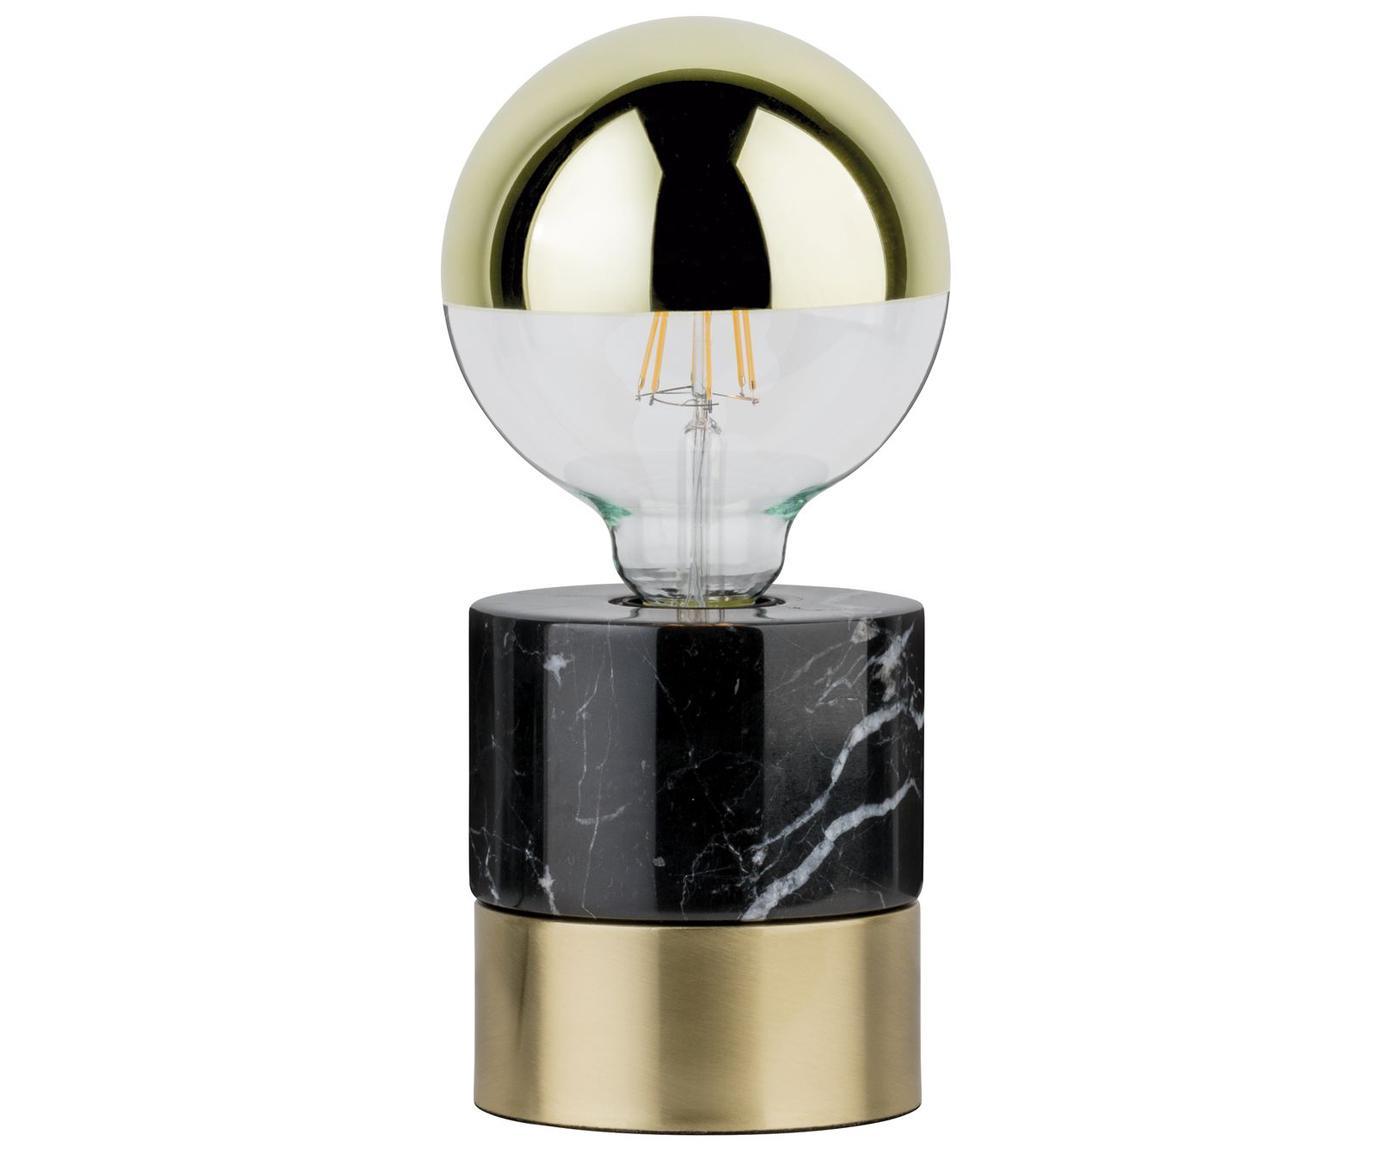 Marmor-Tischlampe Vala in Schwarz-Gold, Schwarz, Messingfarben, Ø 11 x H 12 cm